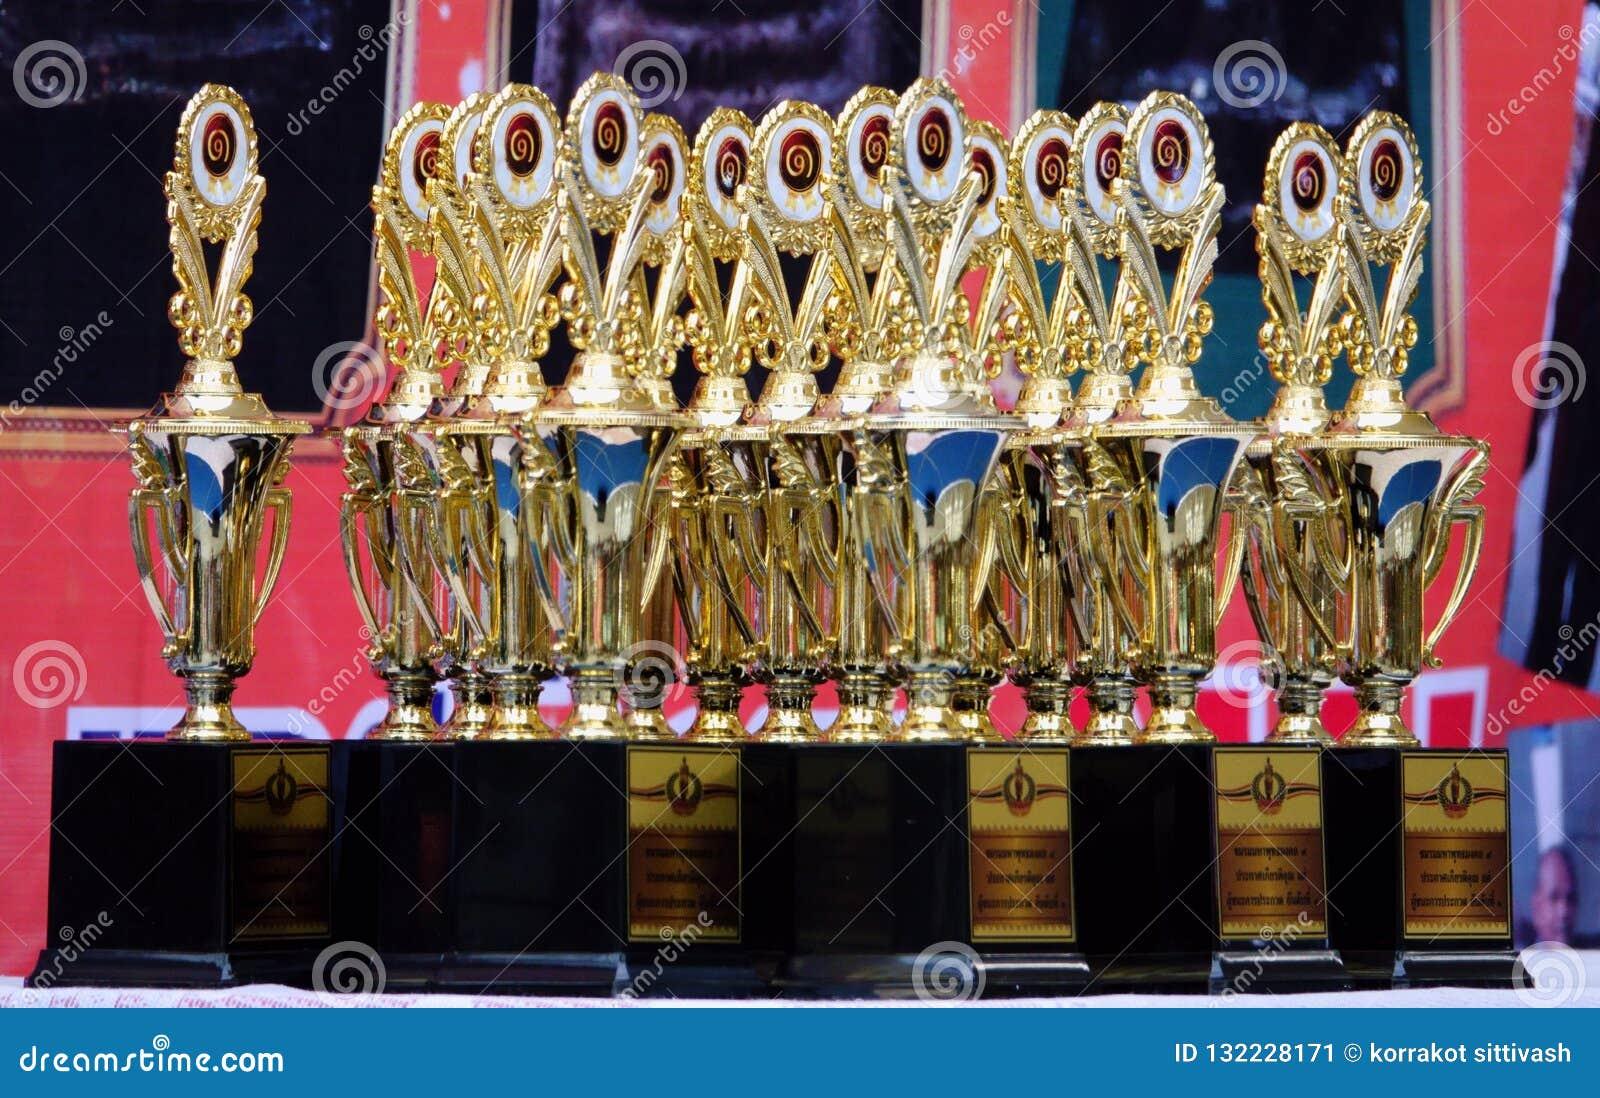 18-november-2018 LATKABANG TAILANDIA Trofeo dorato Prepari per la persona di talento e vinca il lavoro